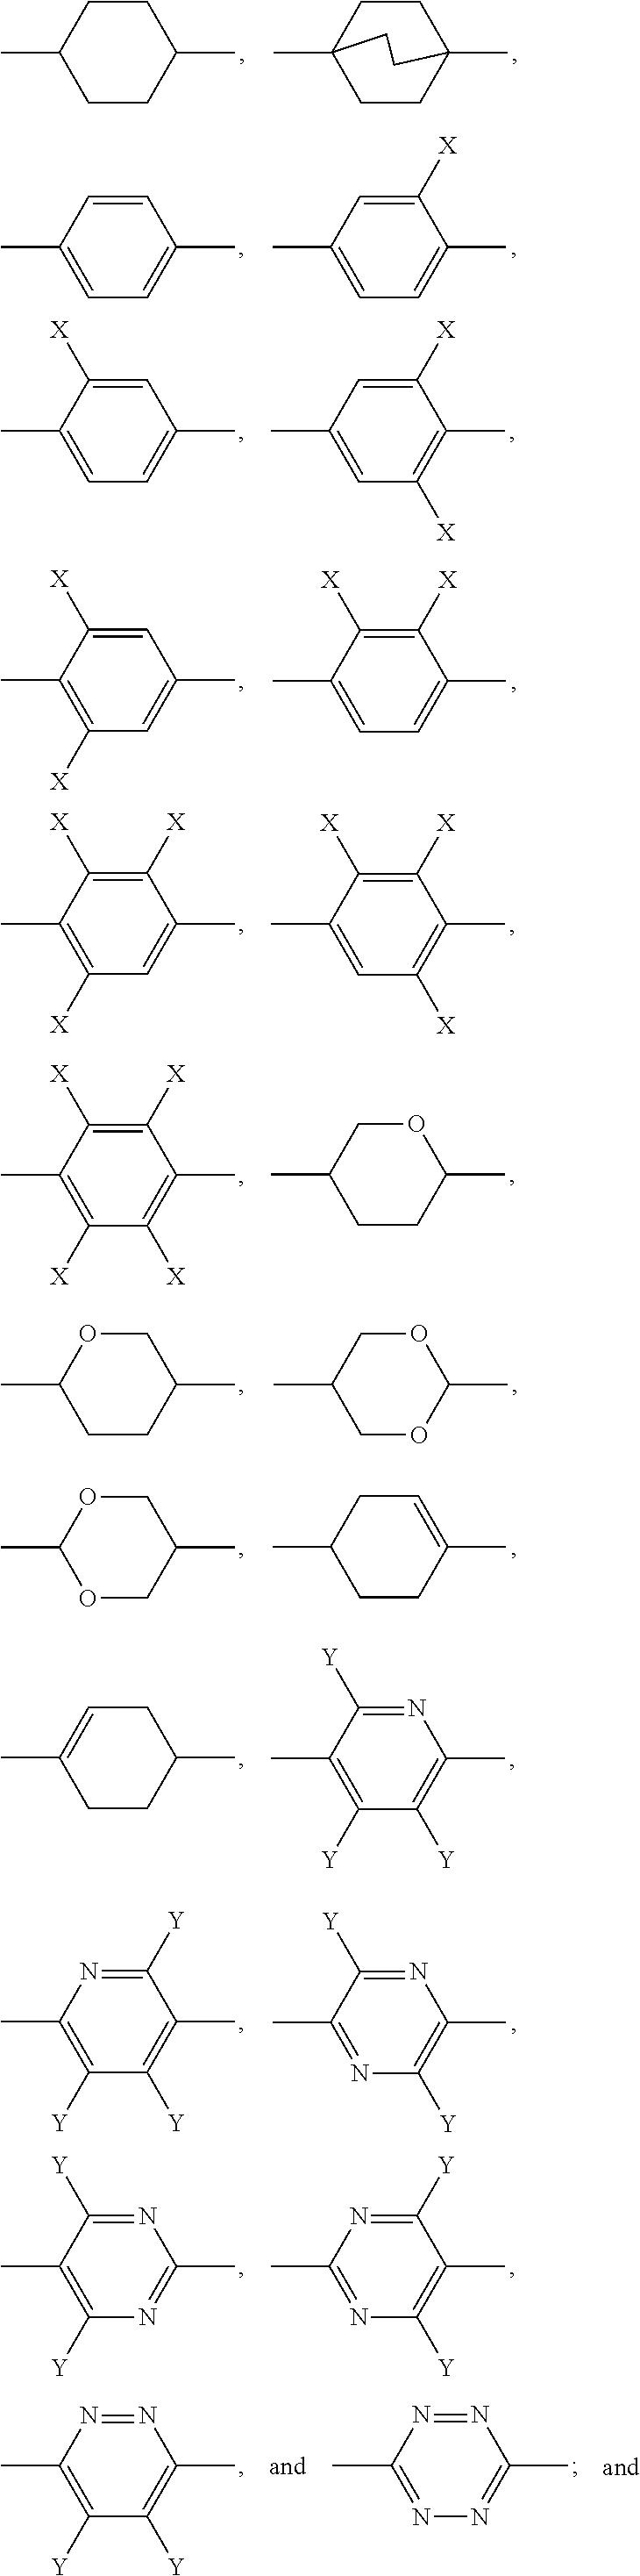 Figure US20130208227A1-20130815-C00014